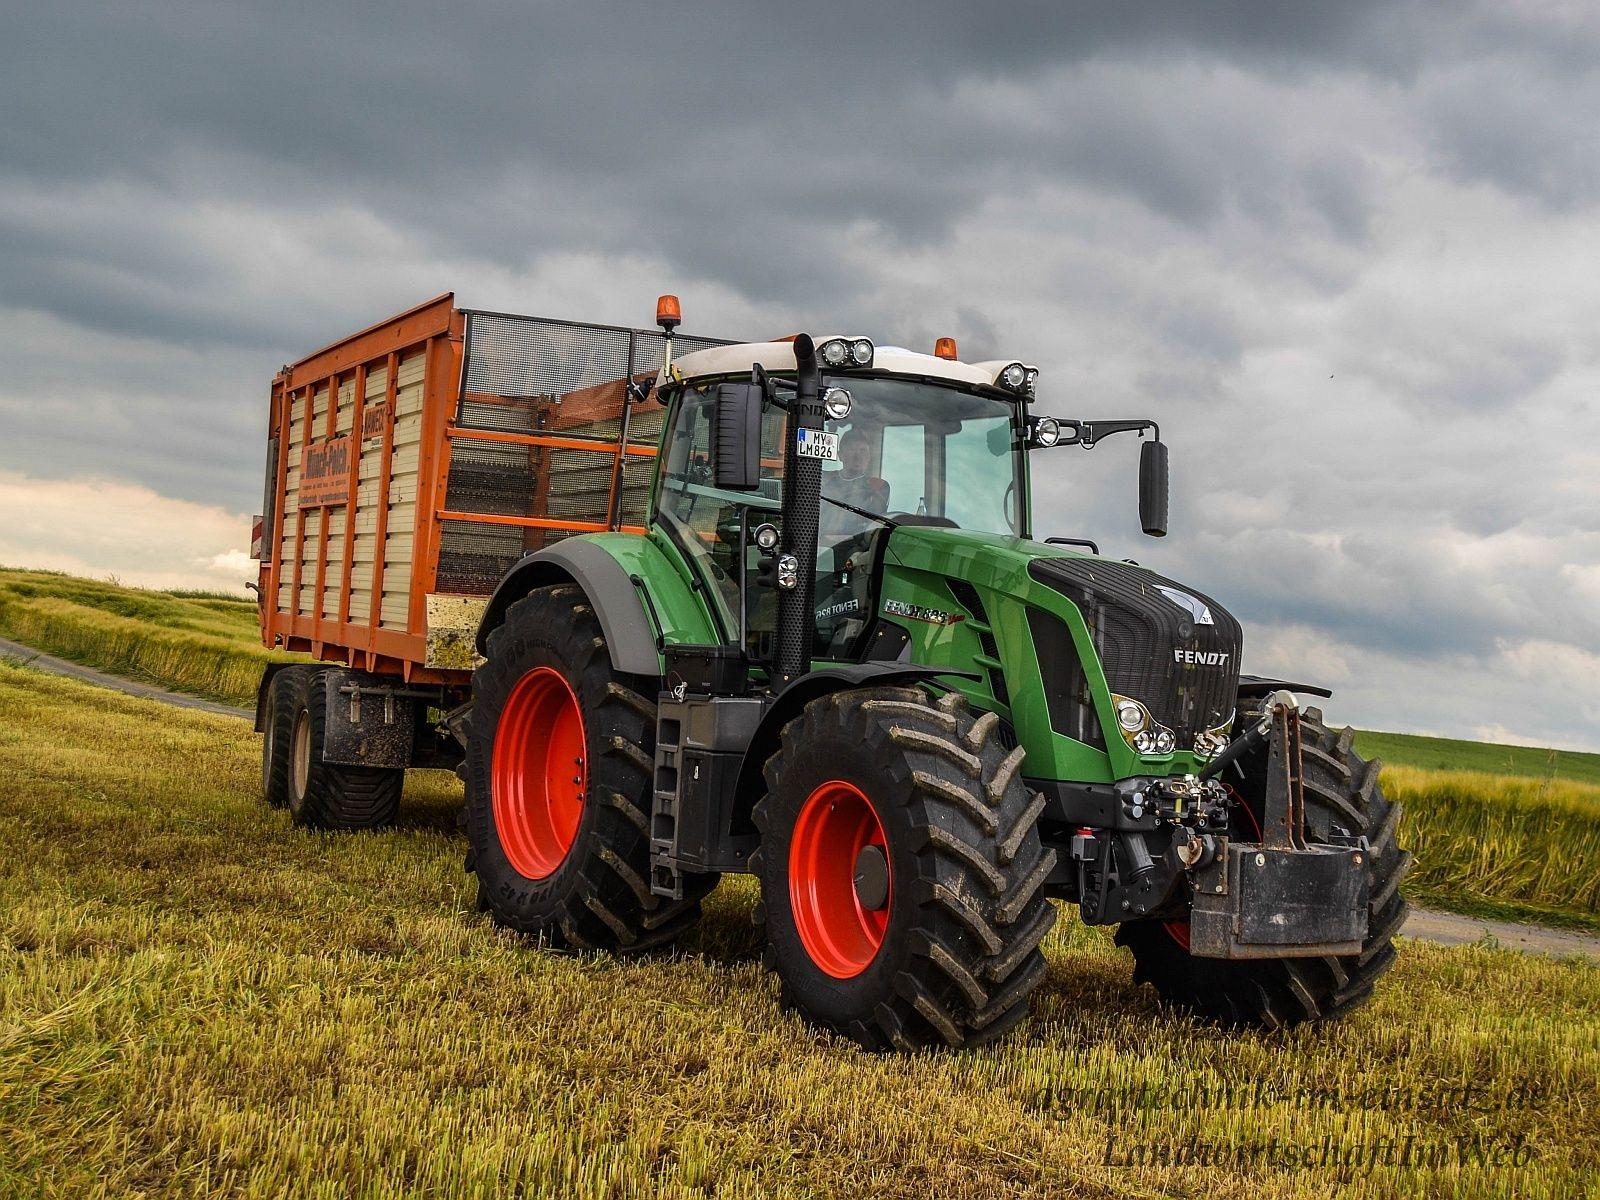 картинки трактора фенд вам познакомиться